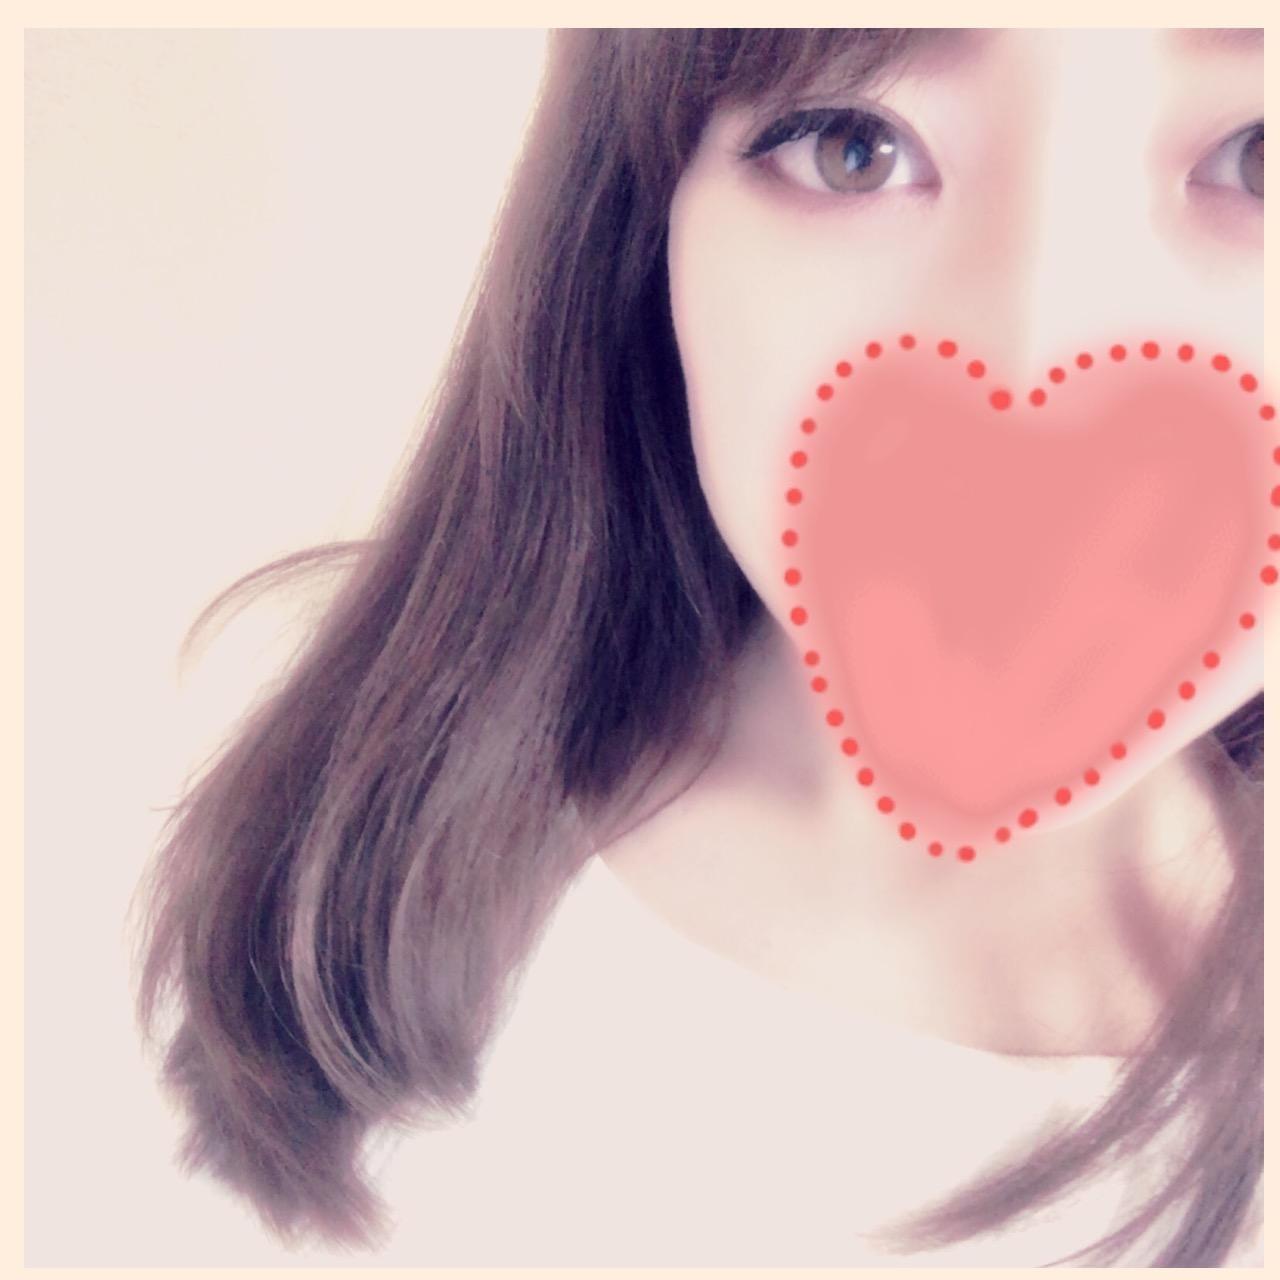 「こんにちは」11/06(11/06) 11:18 | 七瀬の写メ・風俗動画